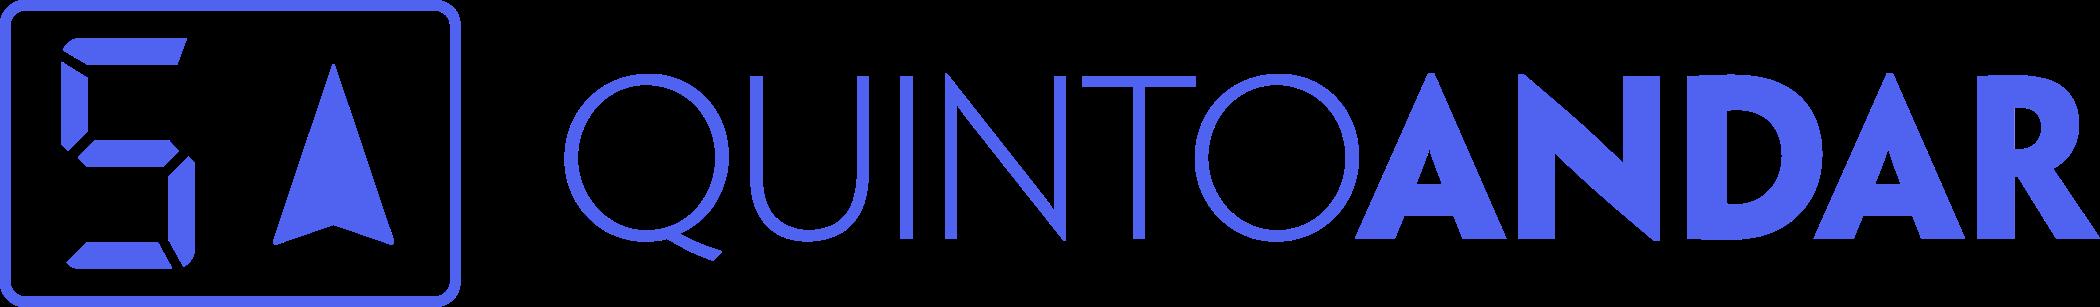 quintoandar logo 1 - QuintoAndar Logo